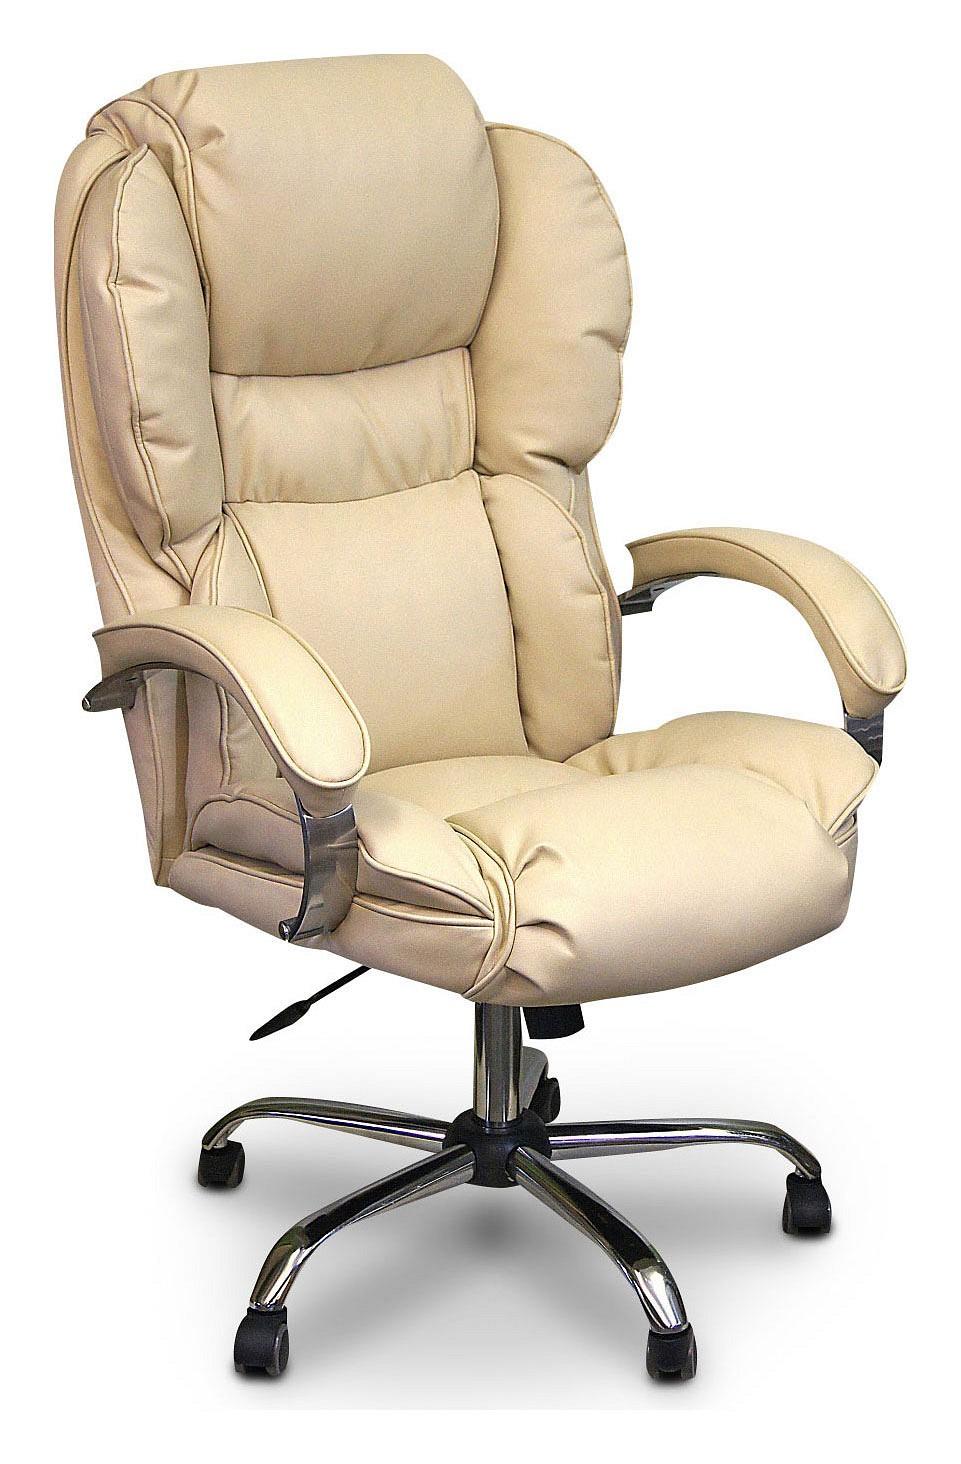 могут оставаться кресло для руководителя болеро фото так же